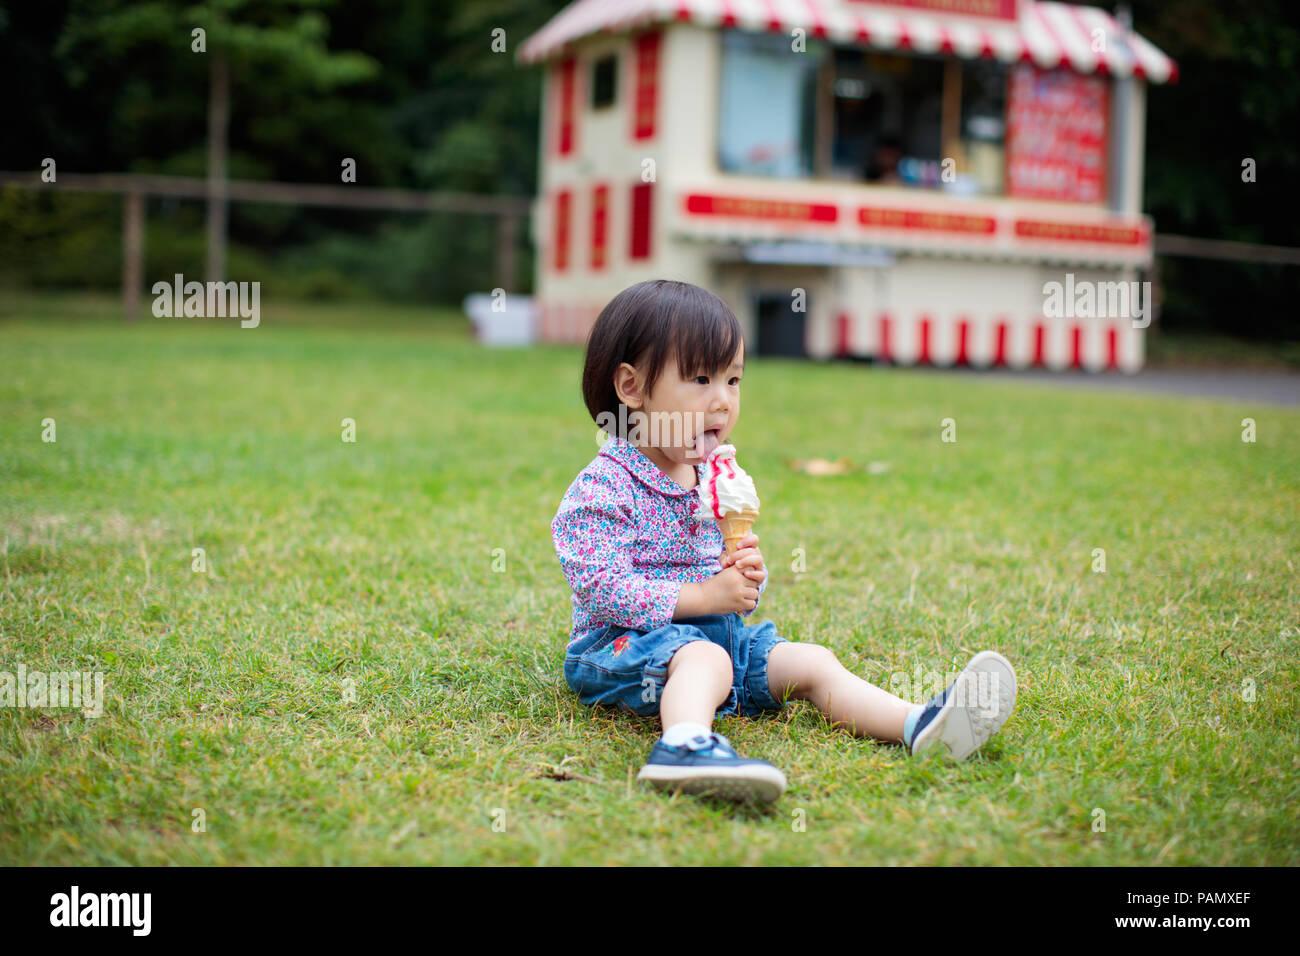 Baby ragazza seduta sul prato estivo e mangiare gelato Immagini Stock